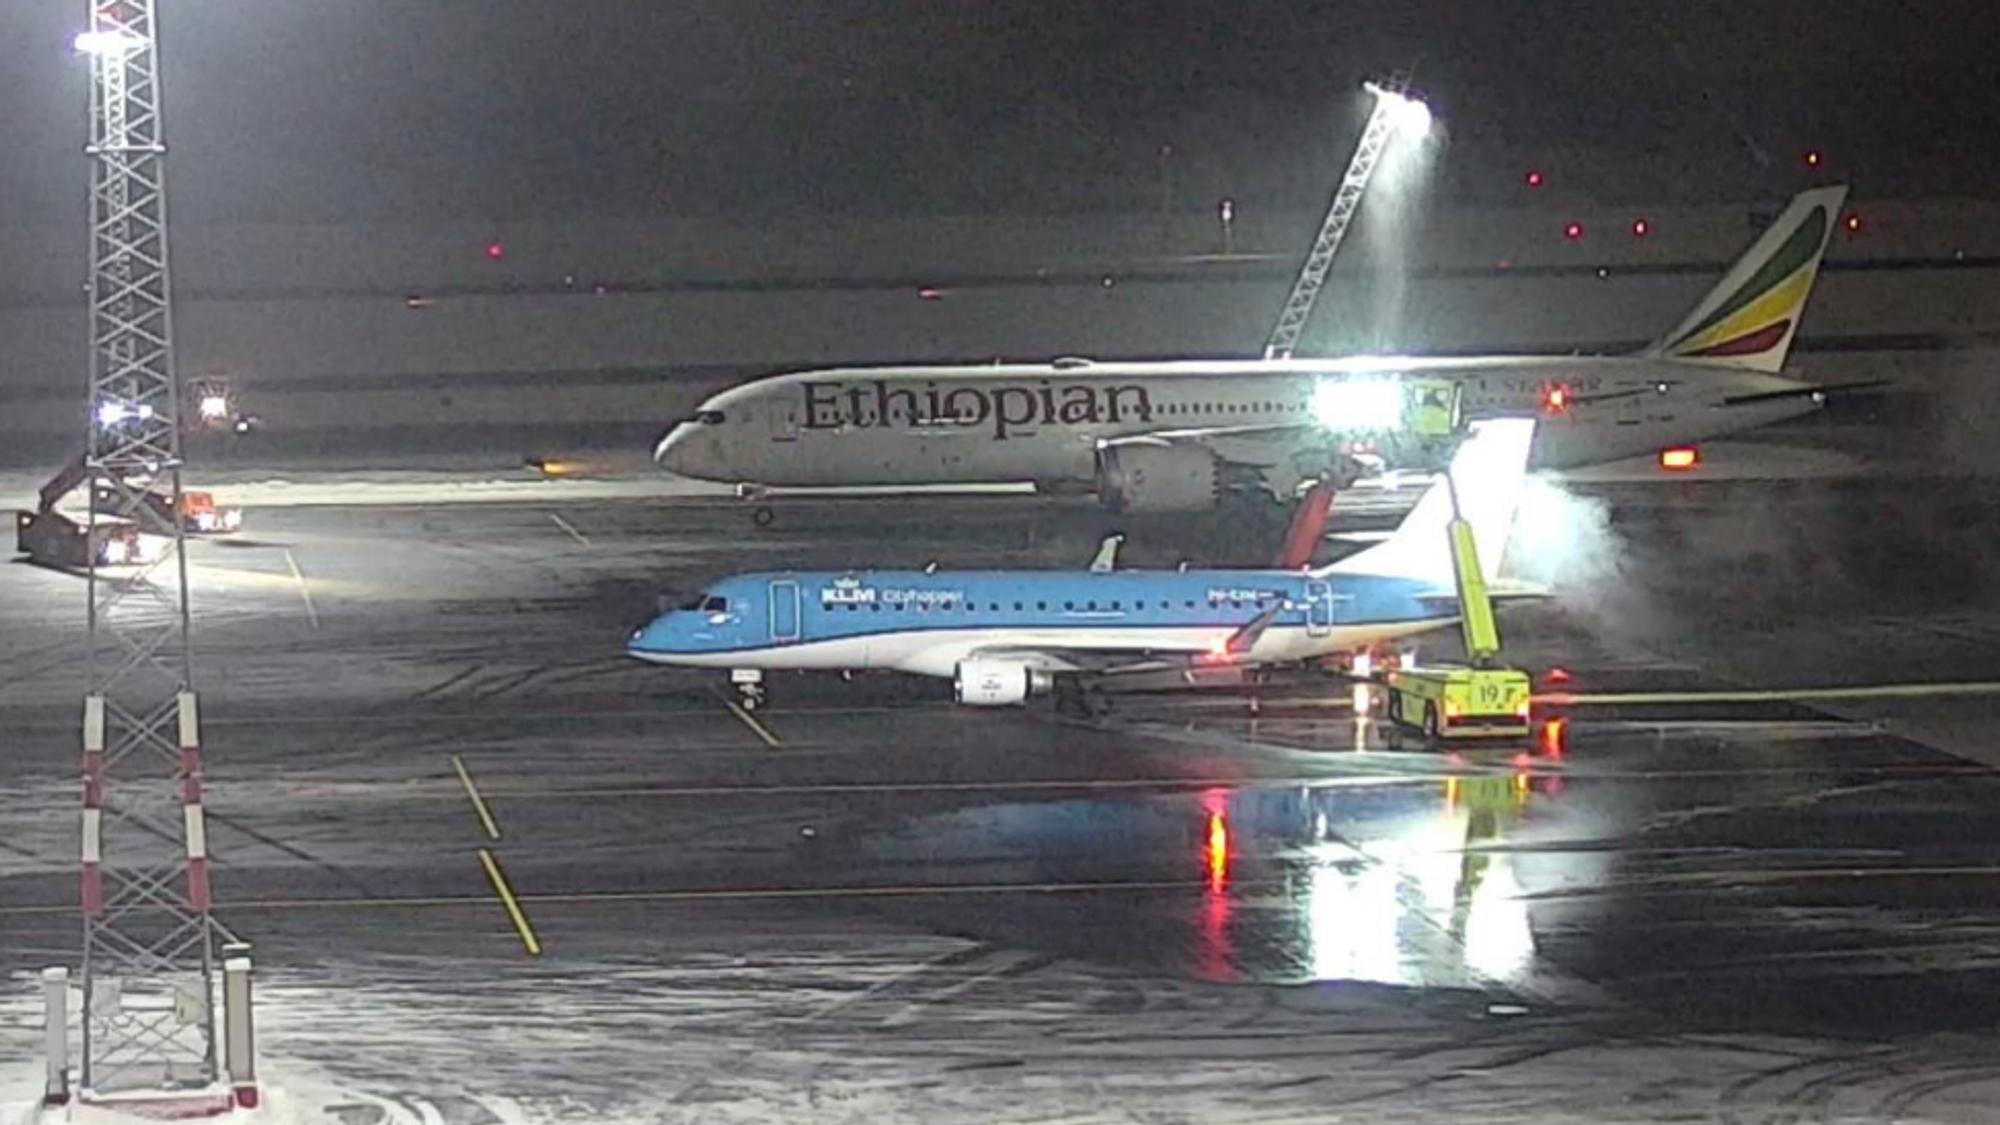 Her har Boeing 787-9-flyet nettopp klippet ned en lysmast på avisingsområdet Bravo nord på Oslo lufthavn. Denne plattformen er for kategori C-fly, som Embraer 170-flyet ved siden av, mens Dreamliner er et kategori E-fly.